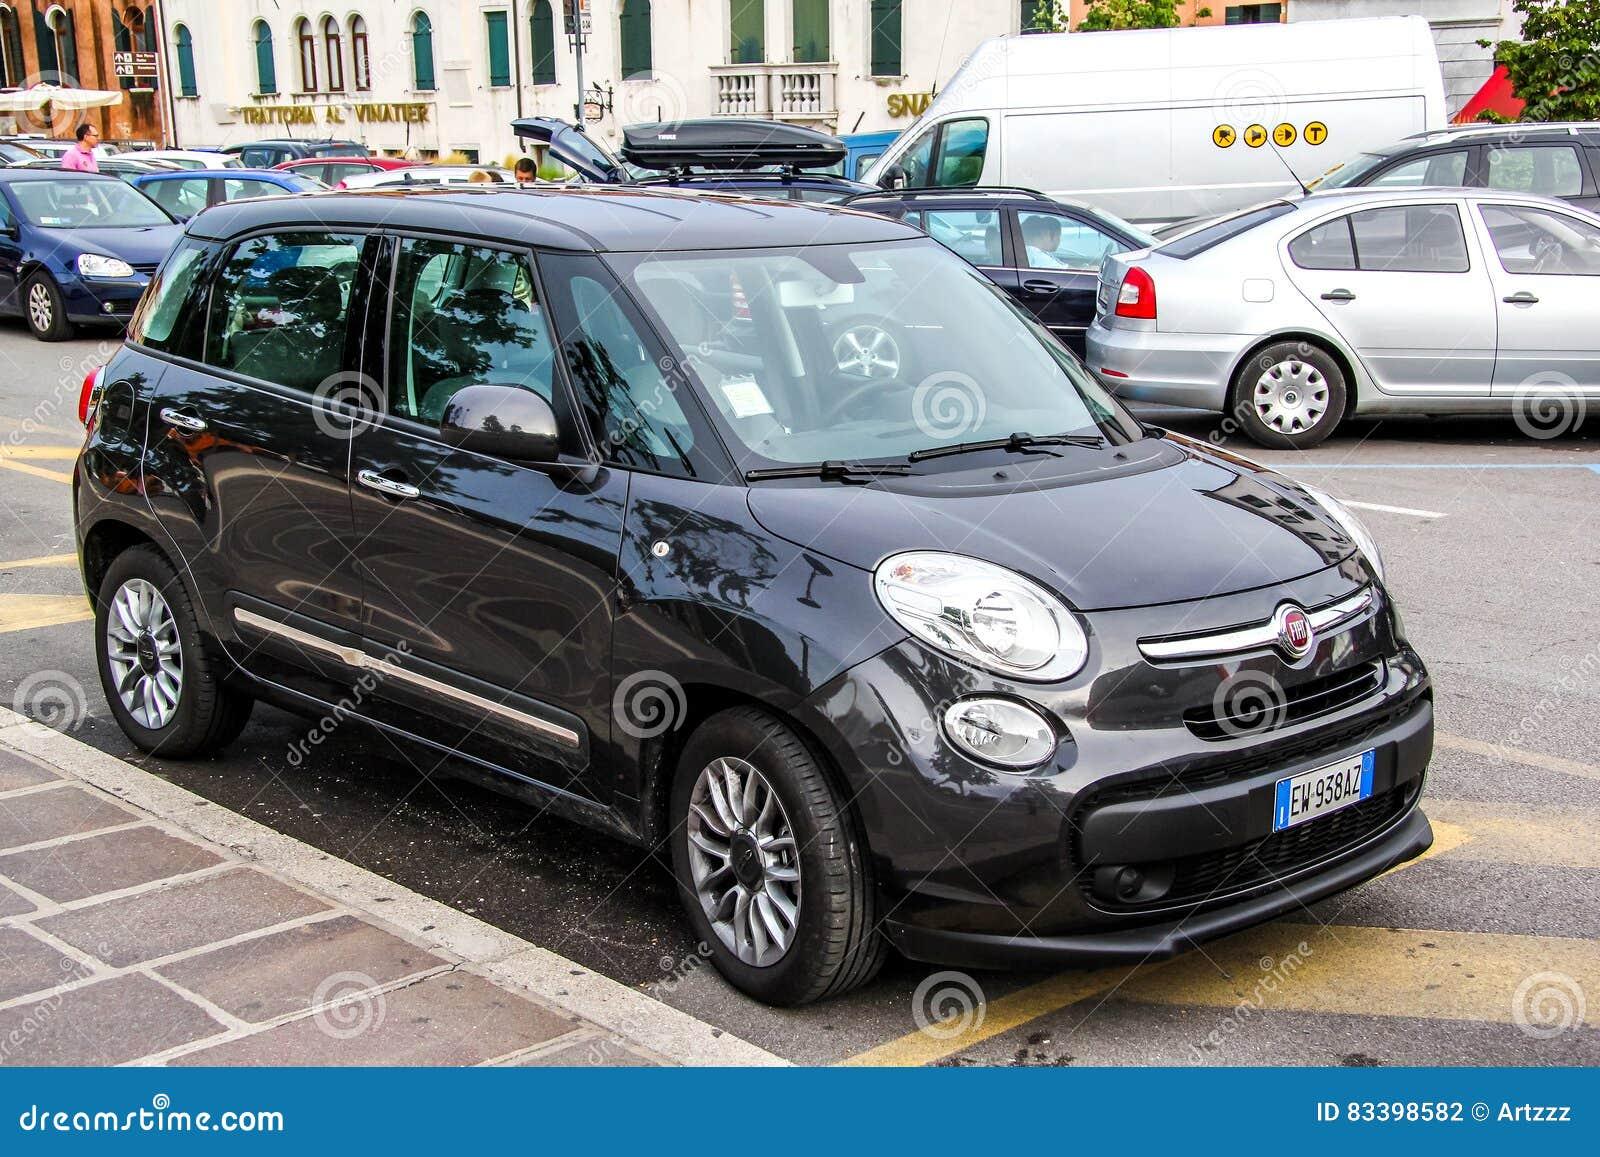 Fiat 500l Fotografia Editorial Imagem De 500l Fiat 83398582